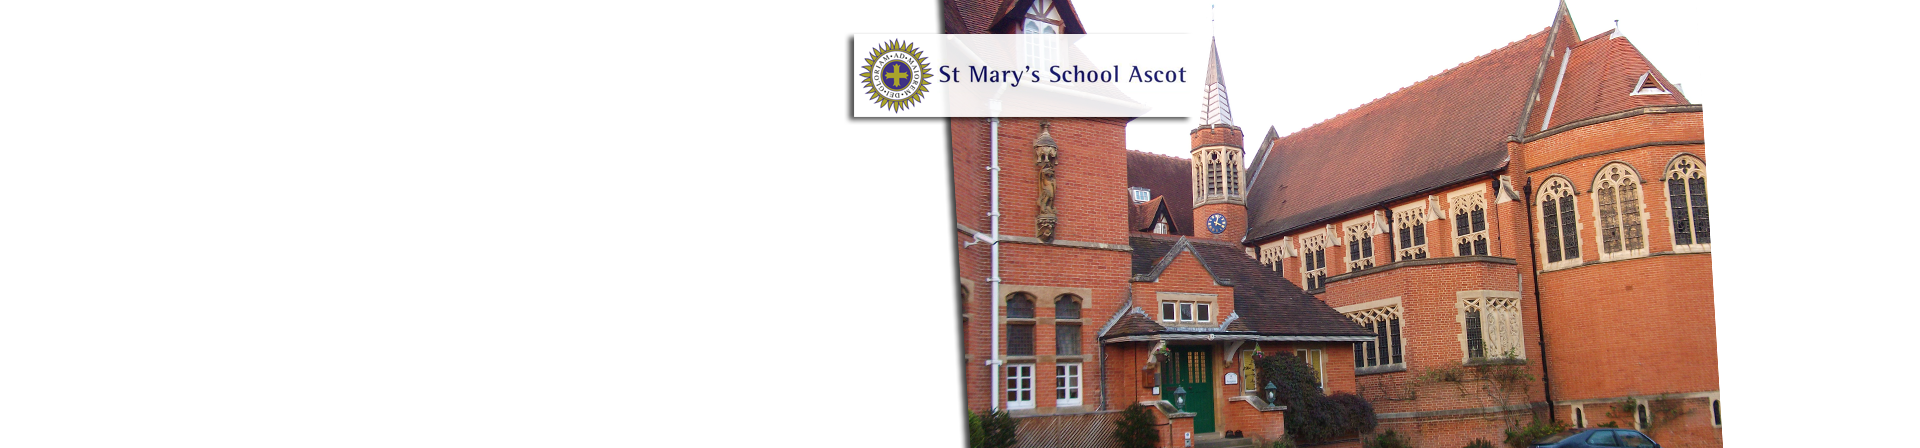 st-mery-ascot